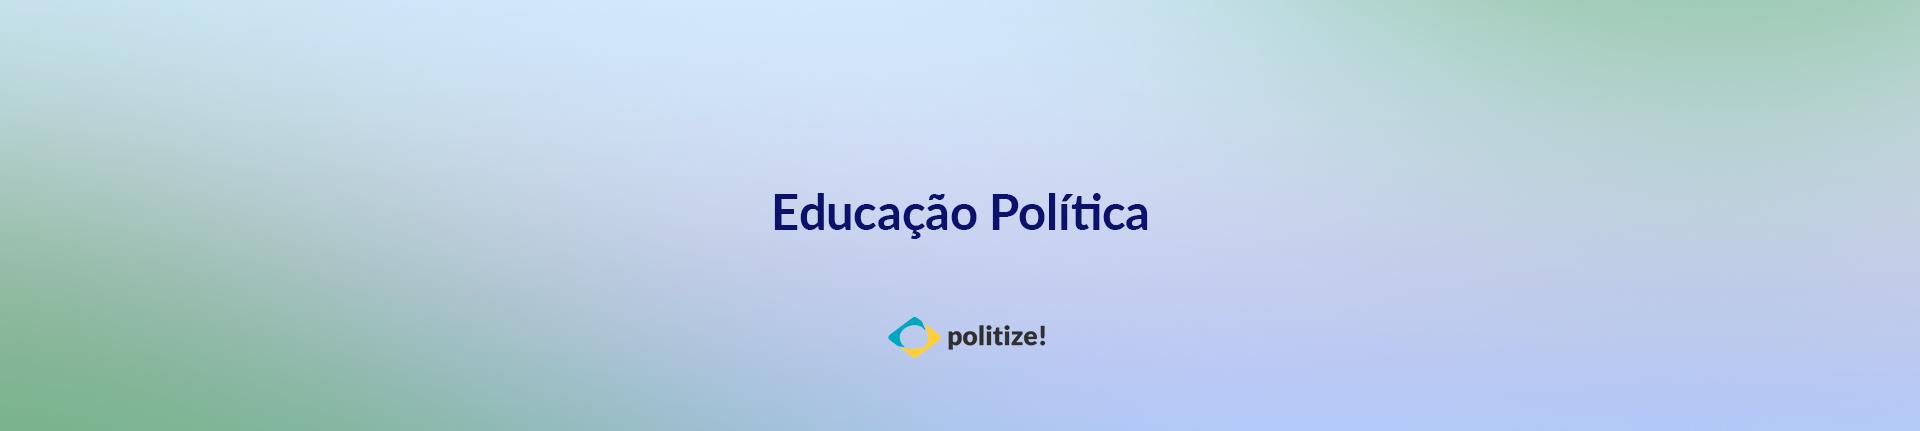 Politize: educação política sem complicação